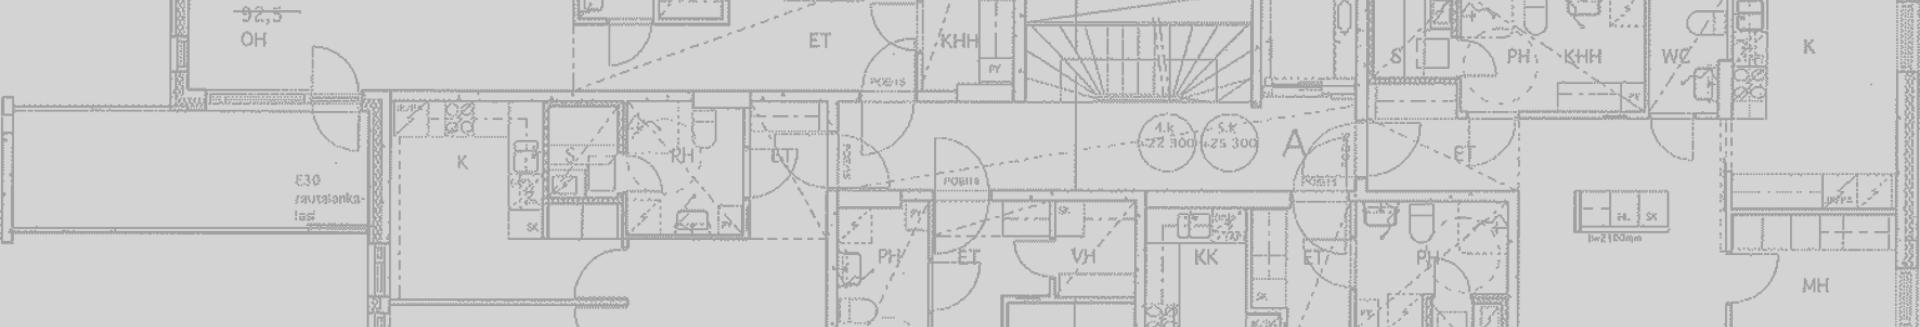 MPA Architects, Inc.